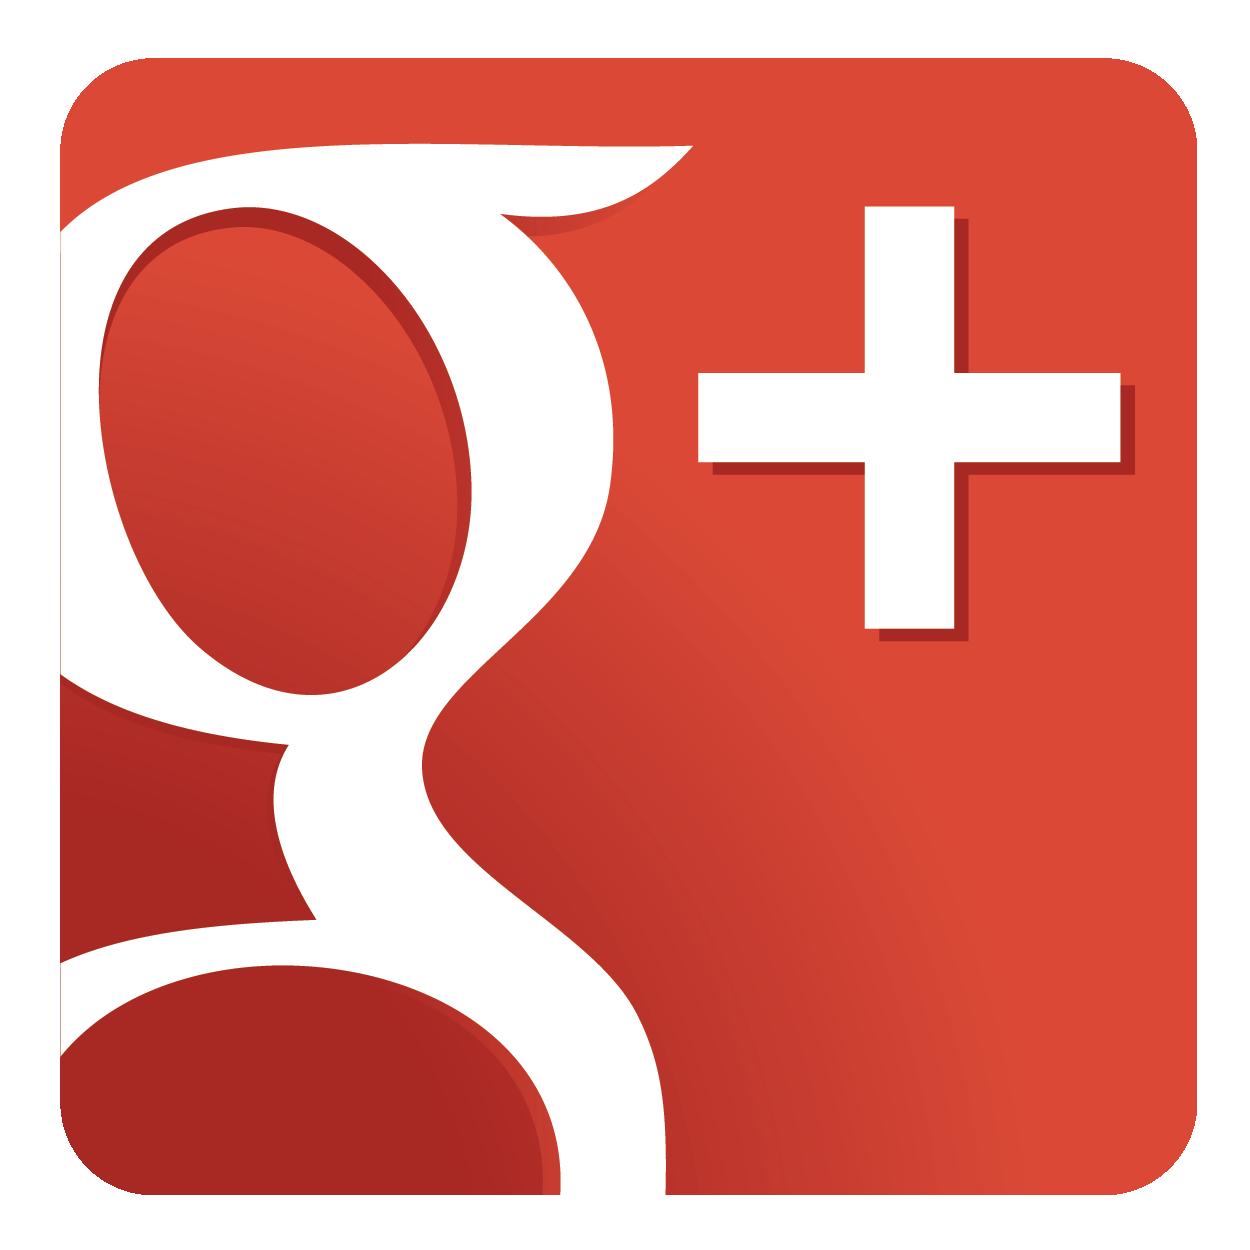 google_ios_icon_200px